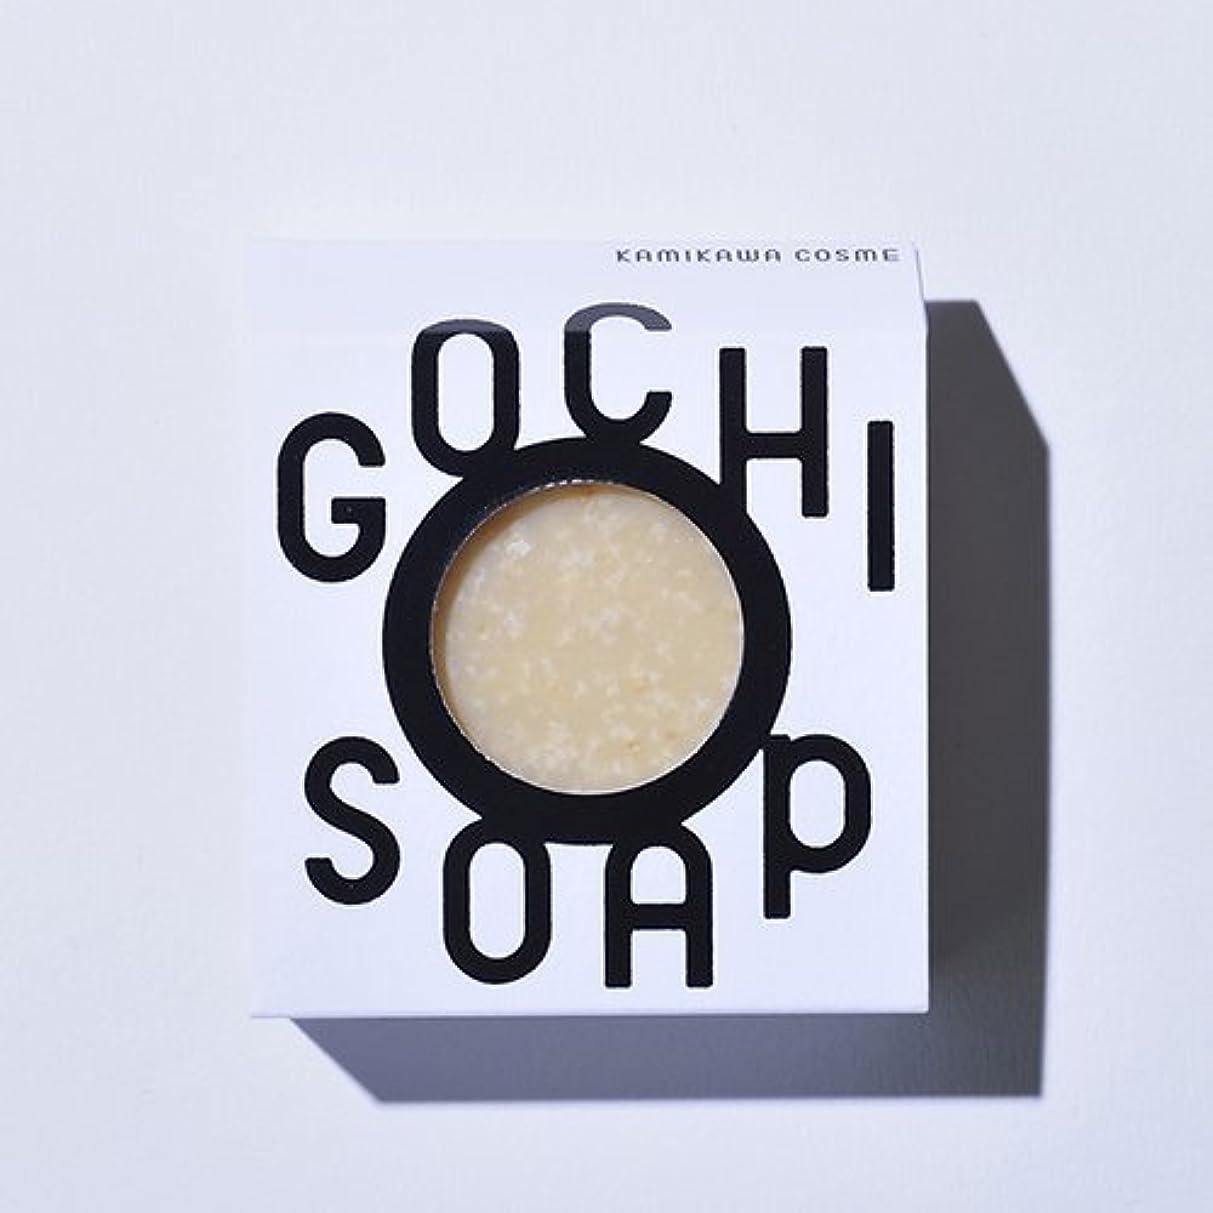 促すアラバマと闘うGOCHI SOAP ゴチソープ ふじくらますも果樹園のりんごソープ